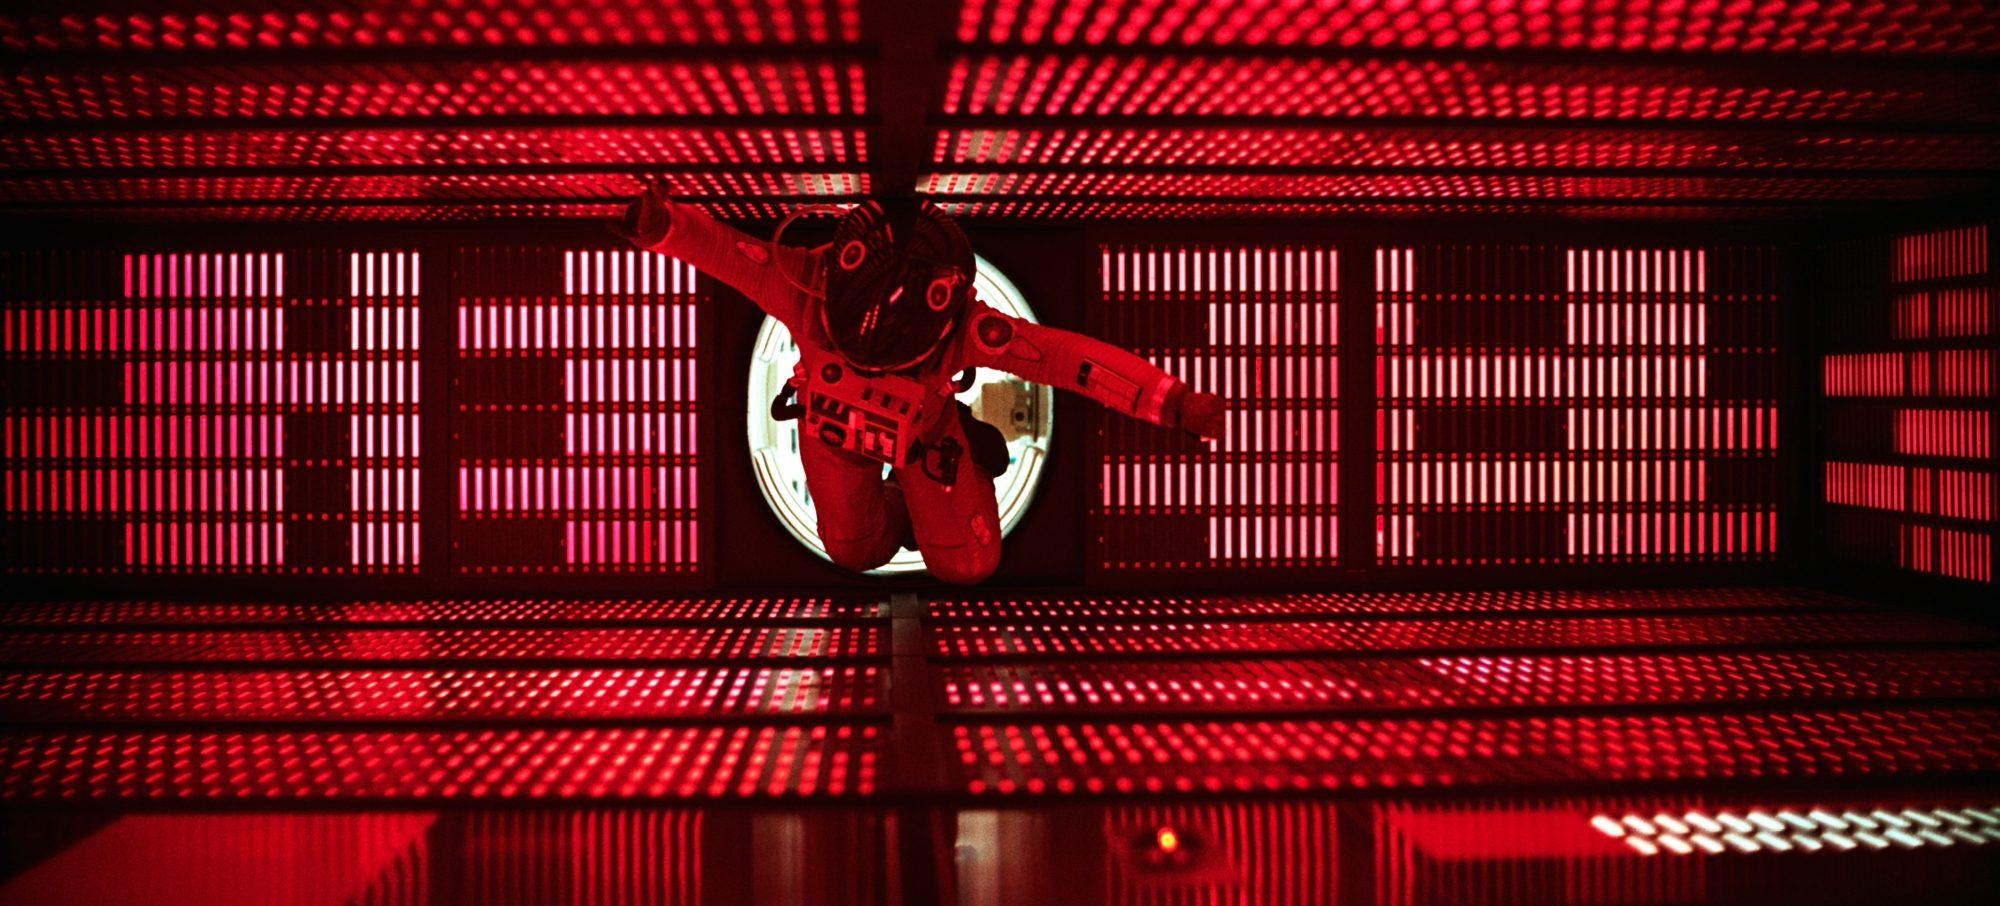 Filmszene aus 2001: Odyssee im Weltraum